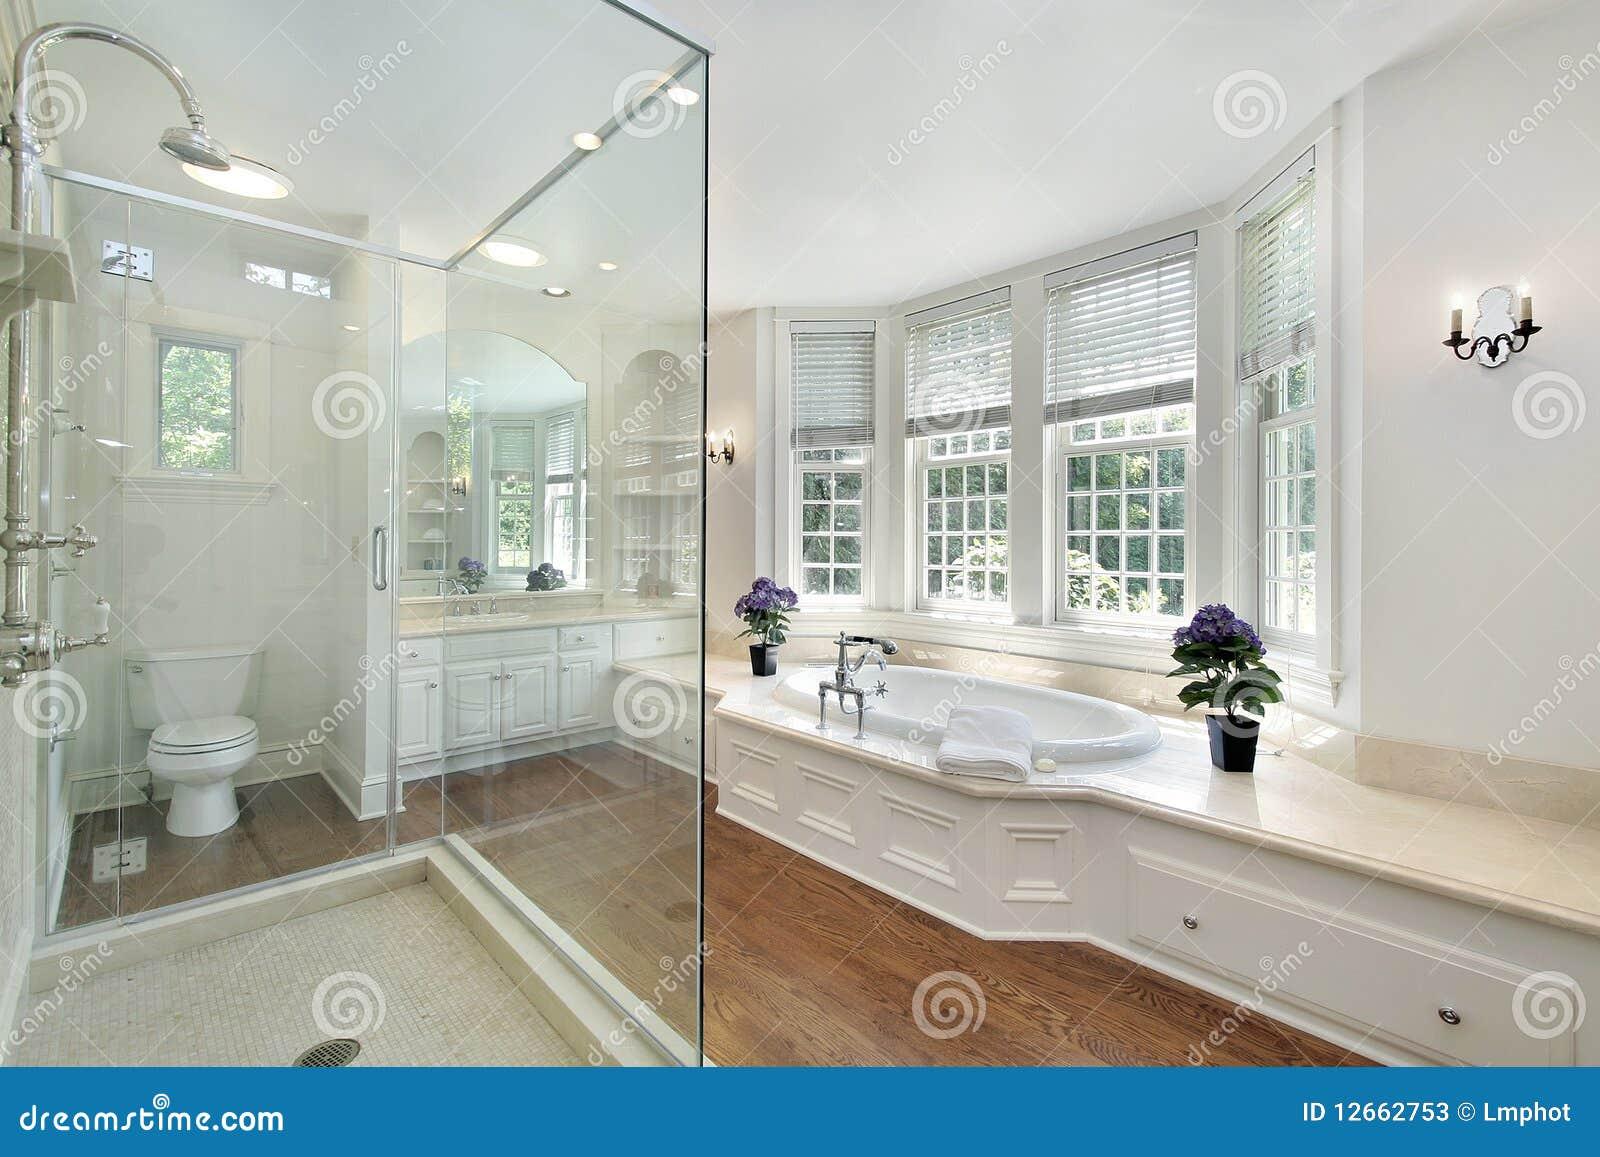 White luxury master bath stock image. Image of upscale - 12662753